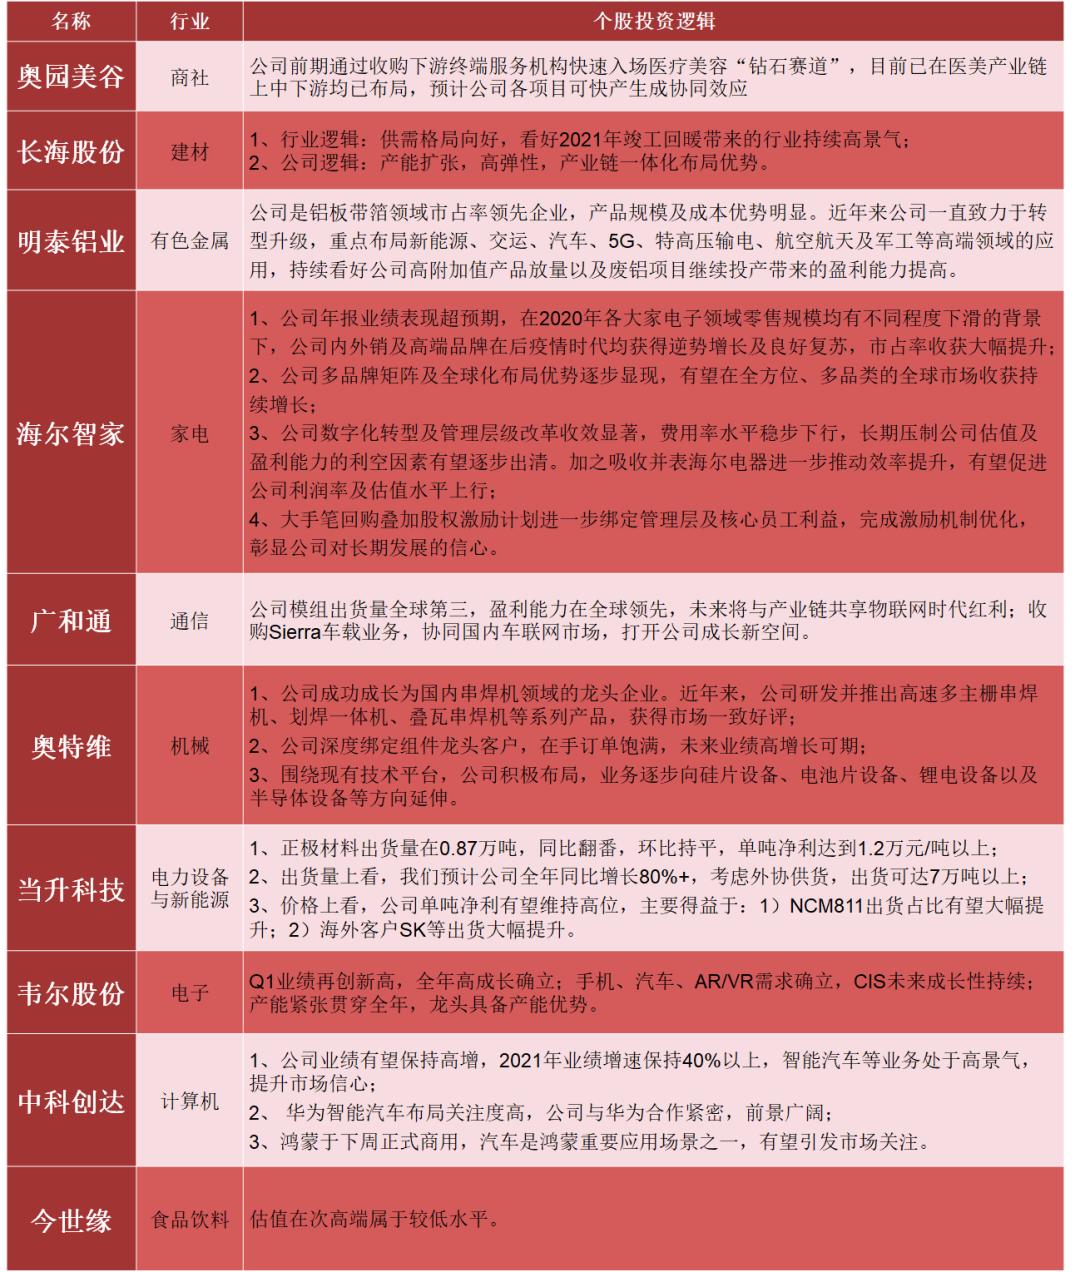 【民生证券研究院】晨会纪要20210611